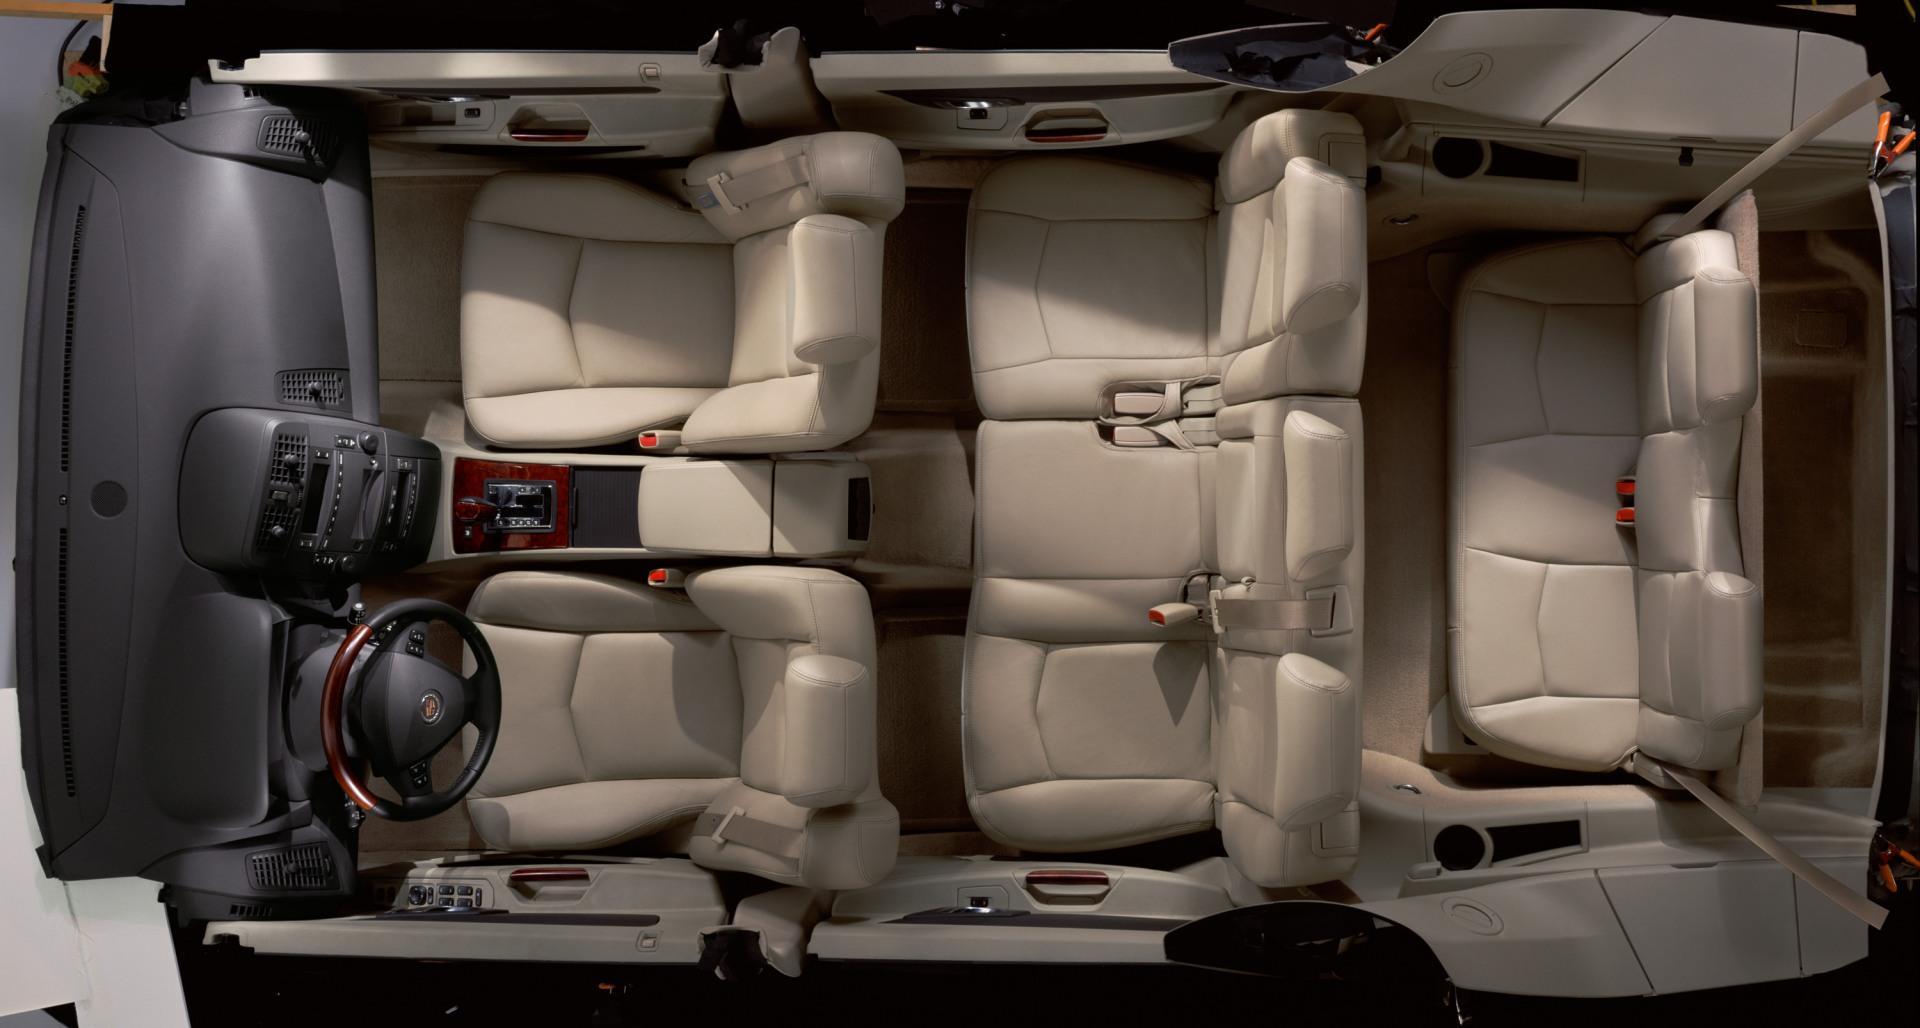 2005 Cadillac Srx Image 1